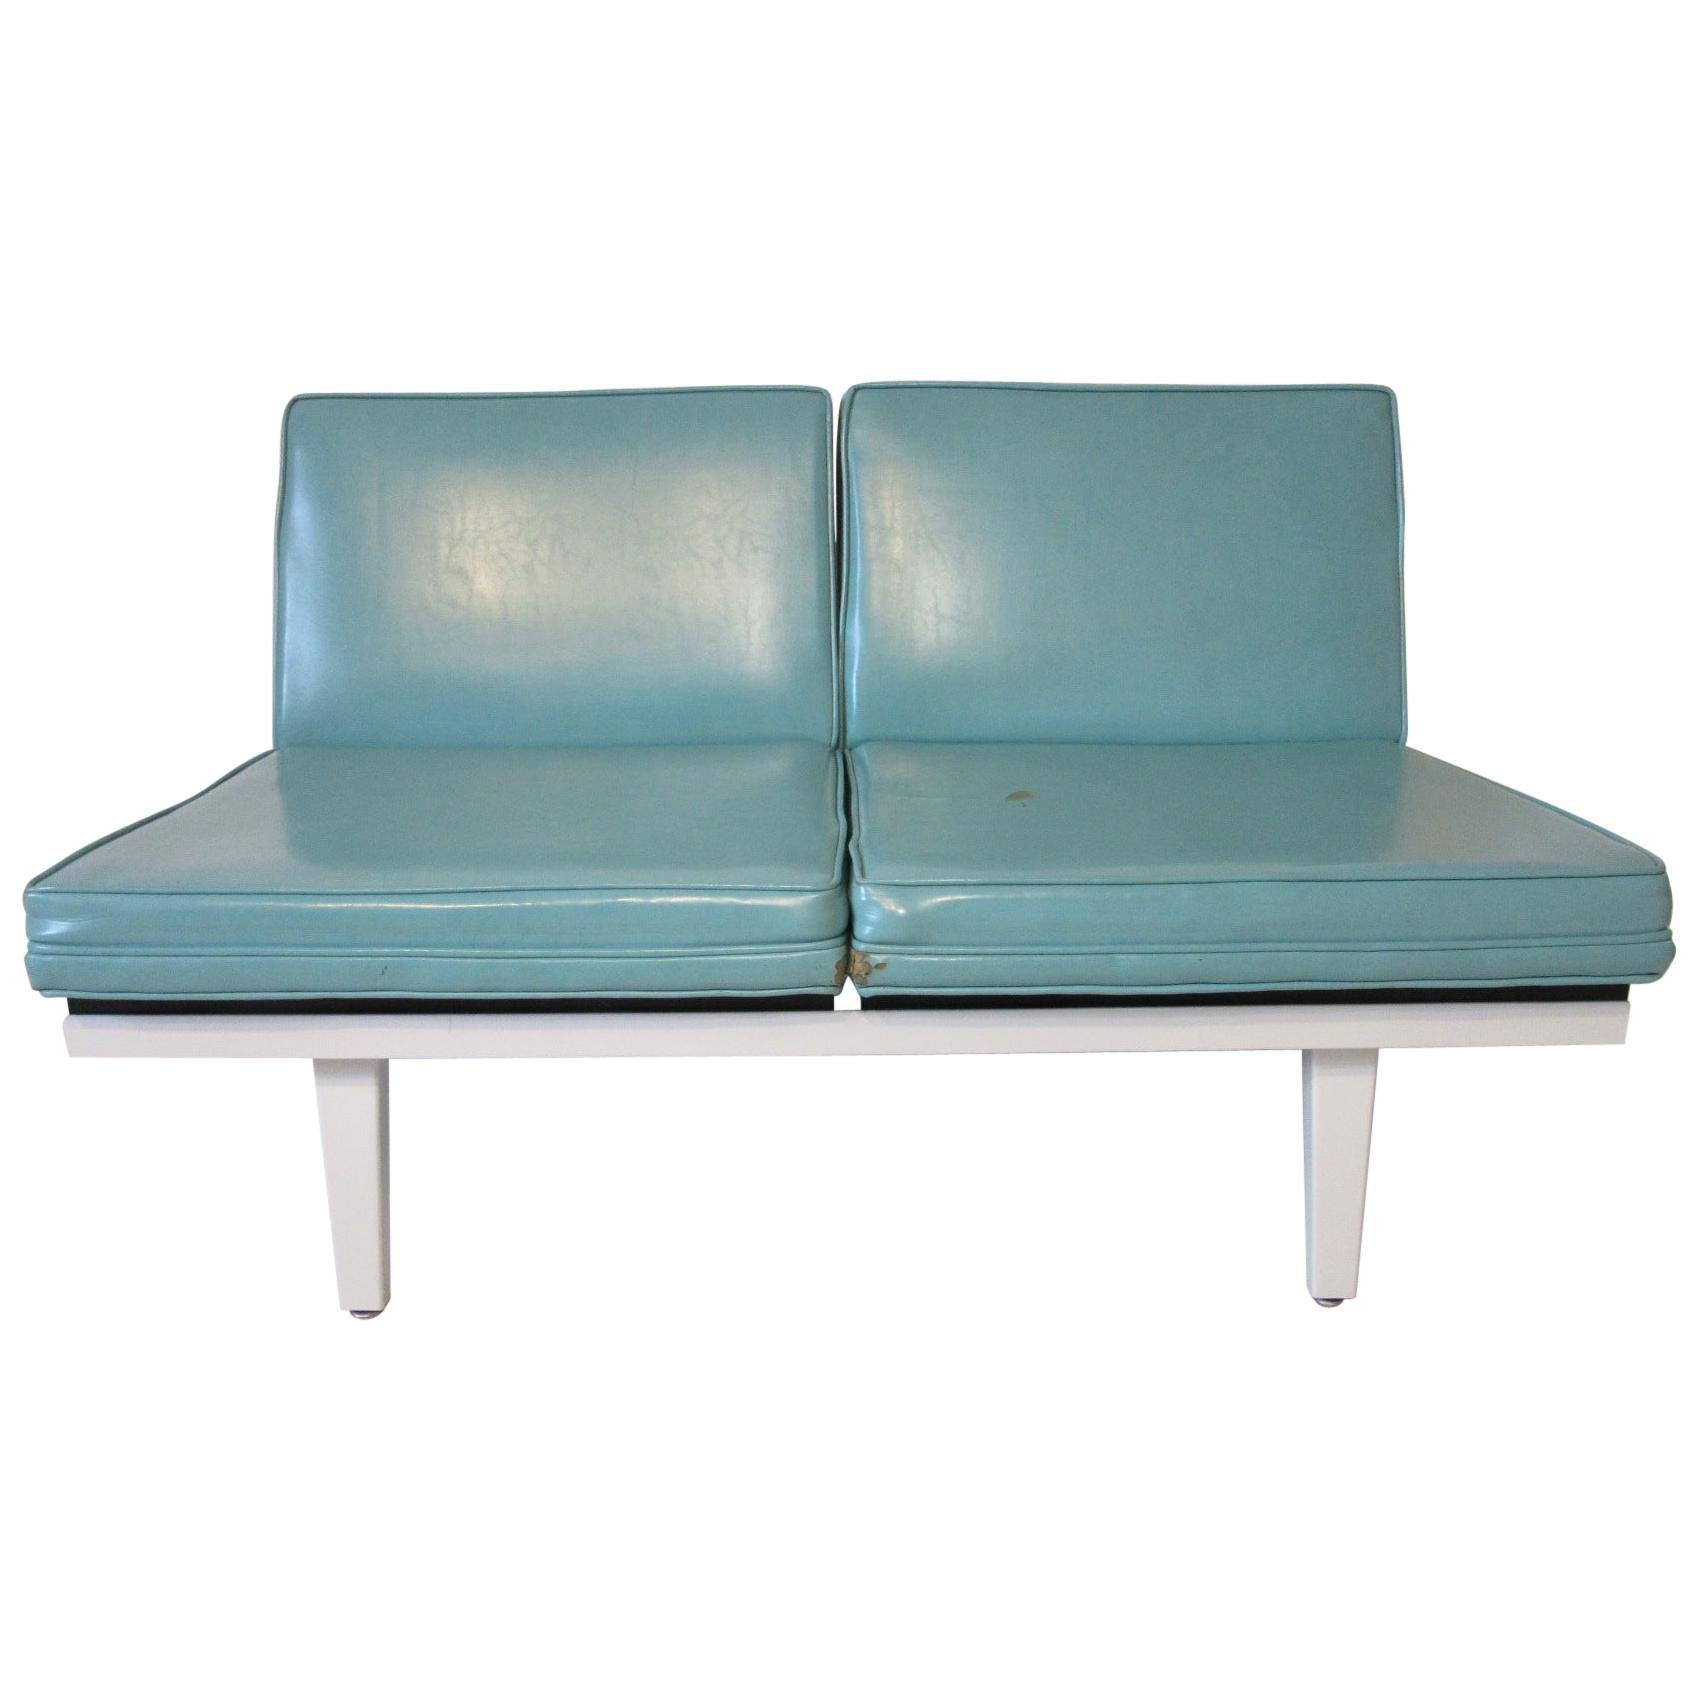 George Nelson Steel Frame Sofa / Loveseat for Herman Miller '2'